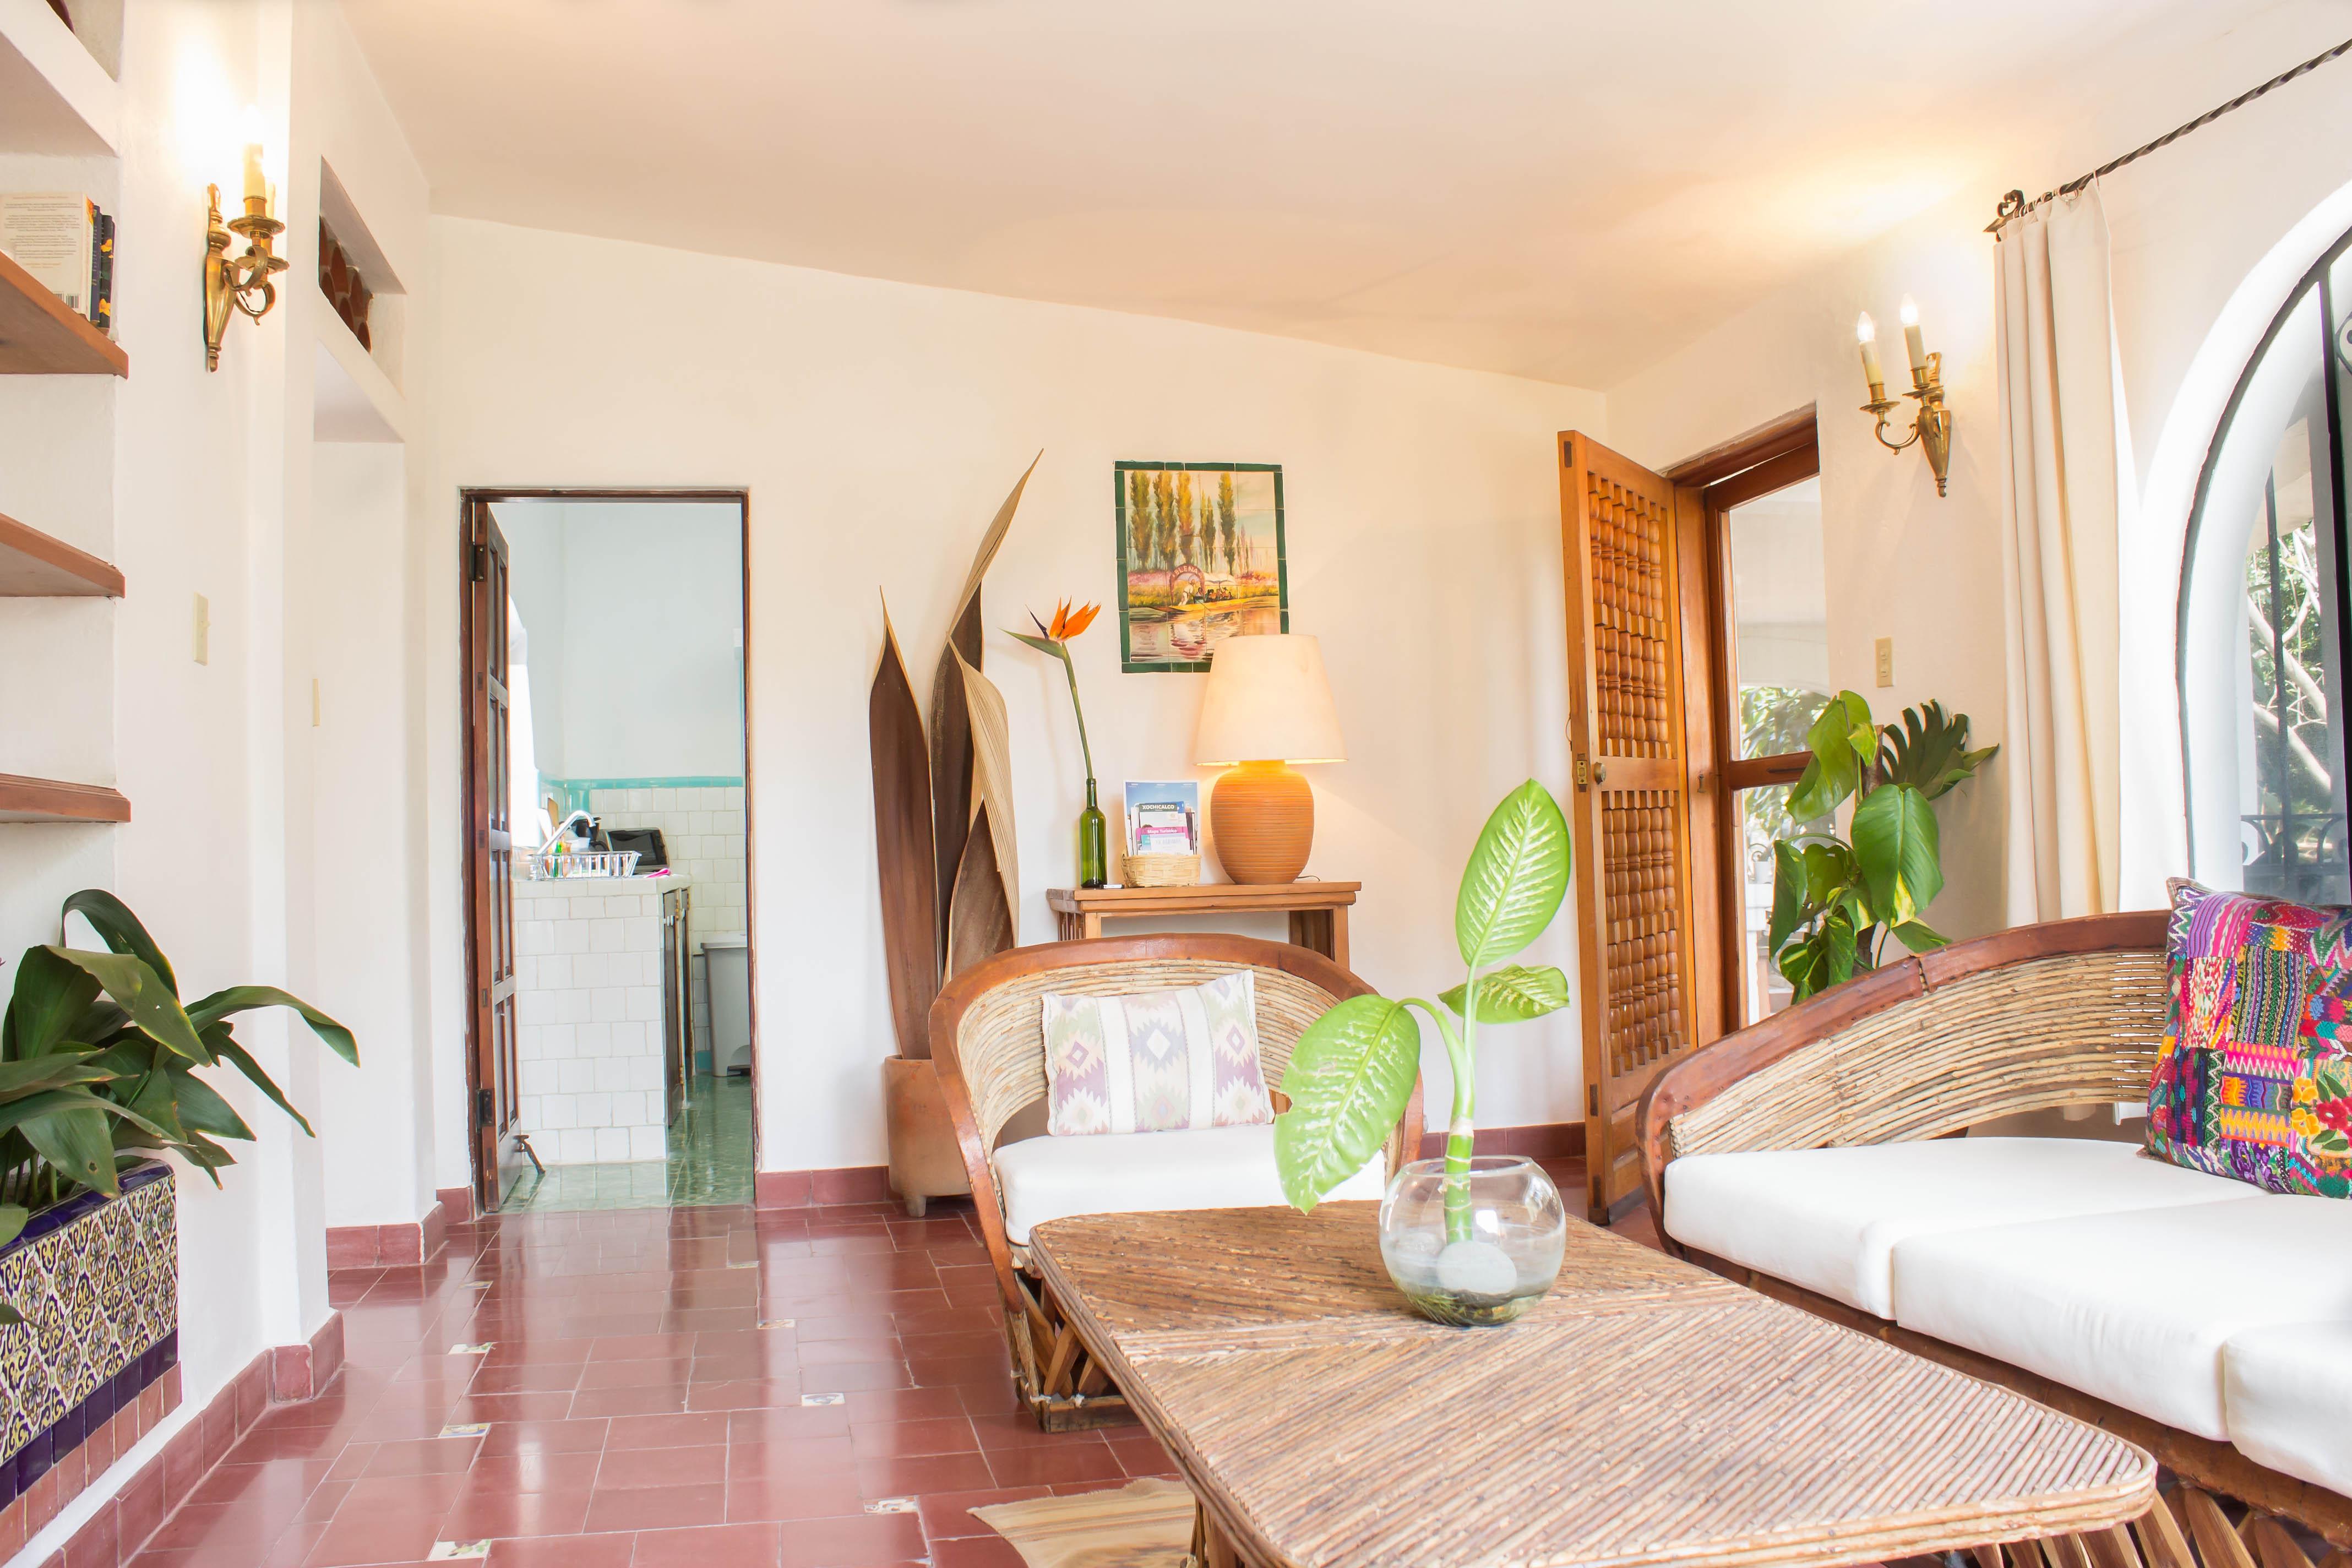 Villa-Taxco-Mexico-Home-Rental-Villas-Bellavista-Cuernavaca